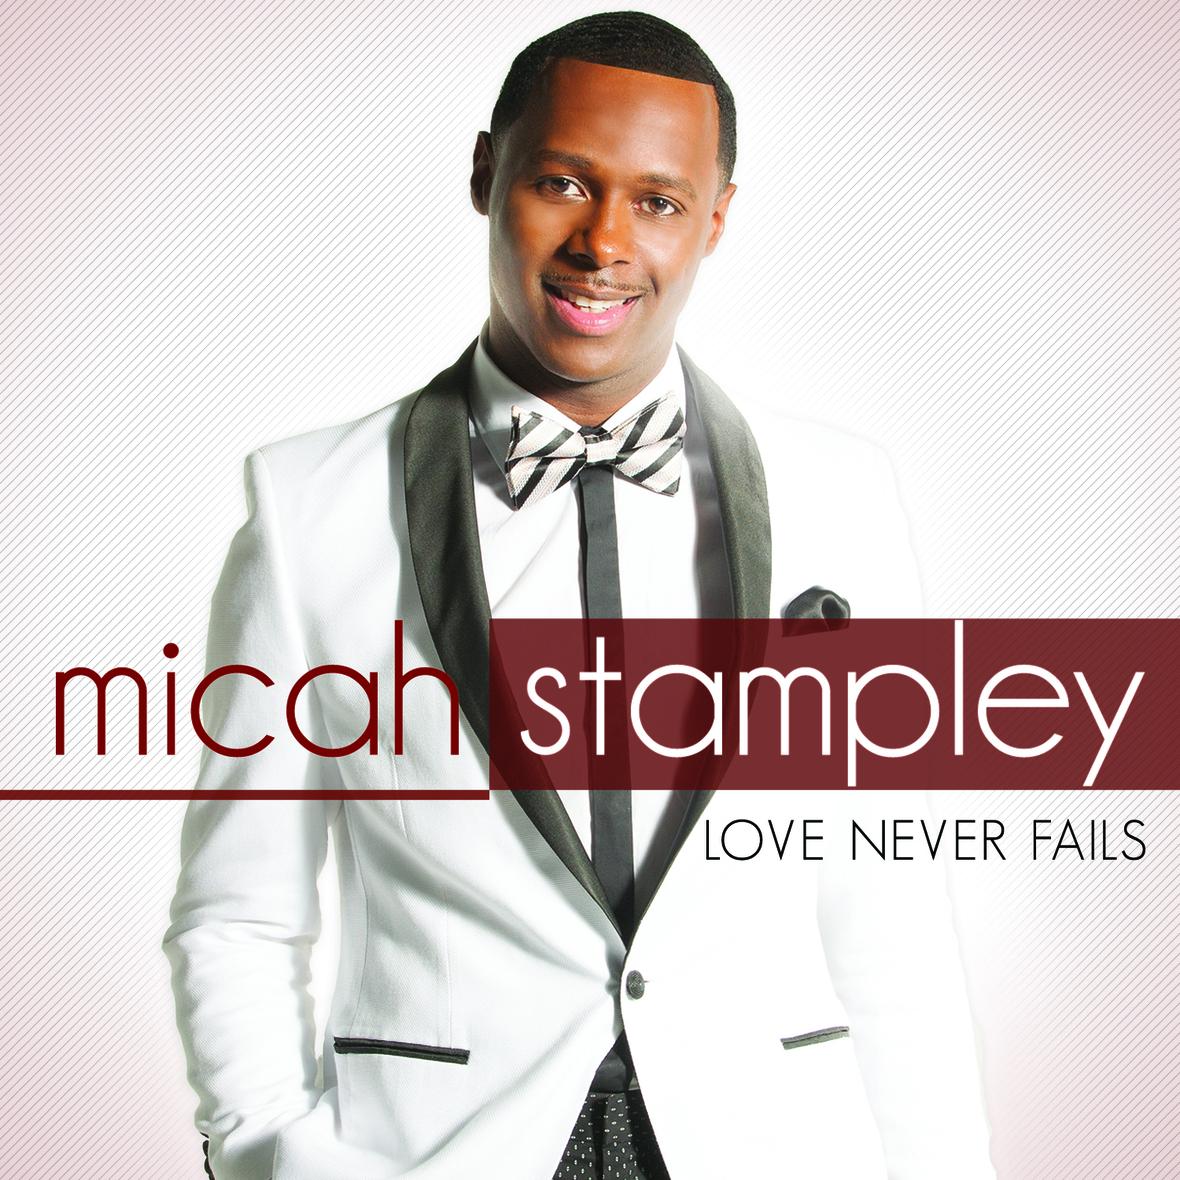 Micah Stampley LNF FINAL CVR